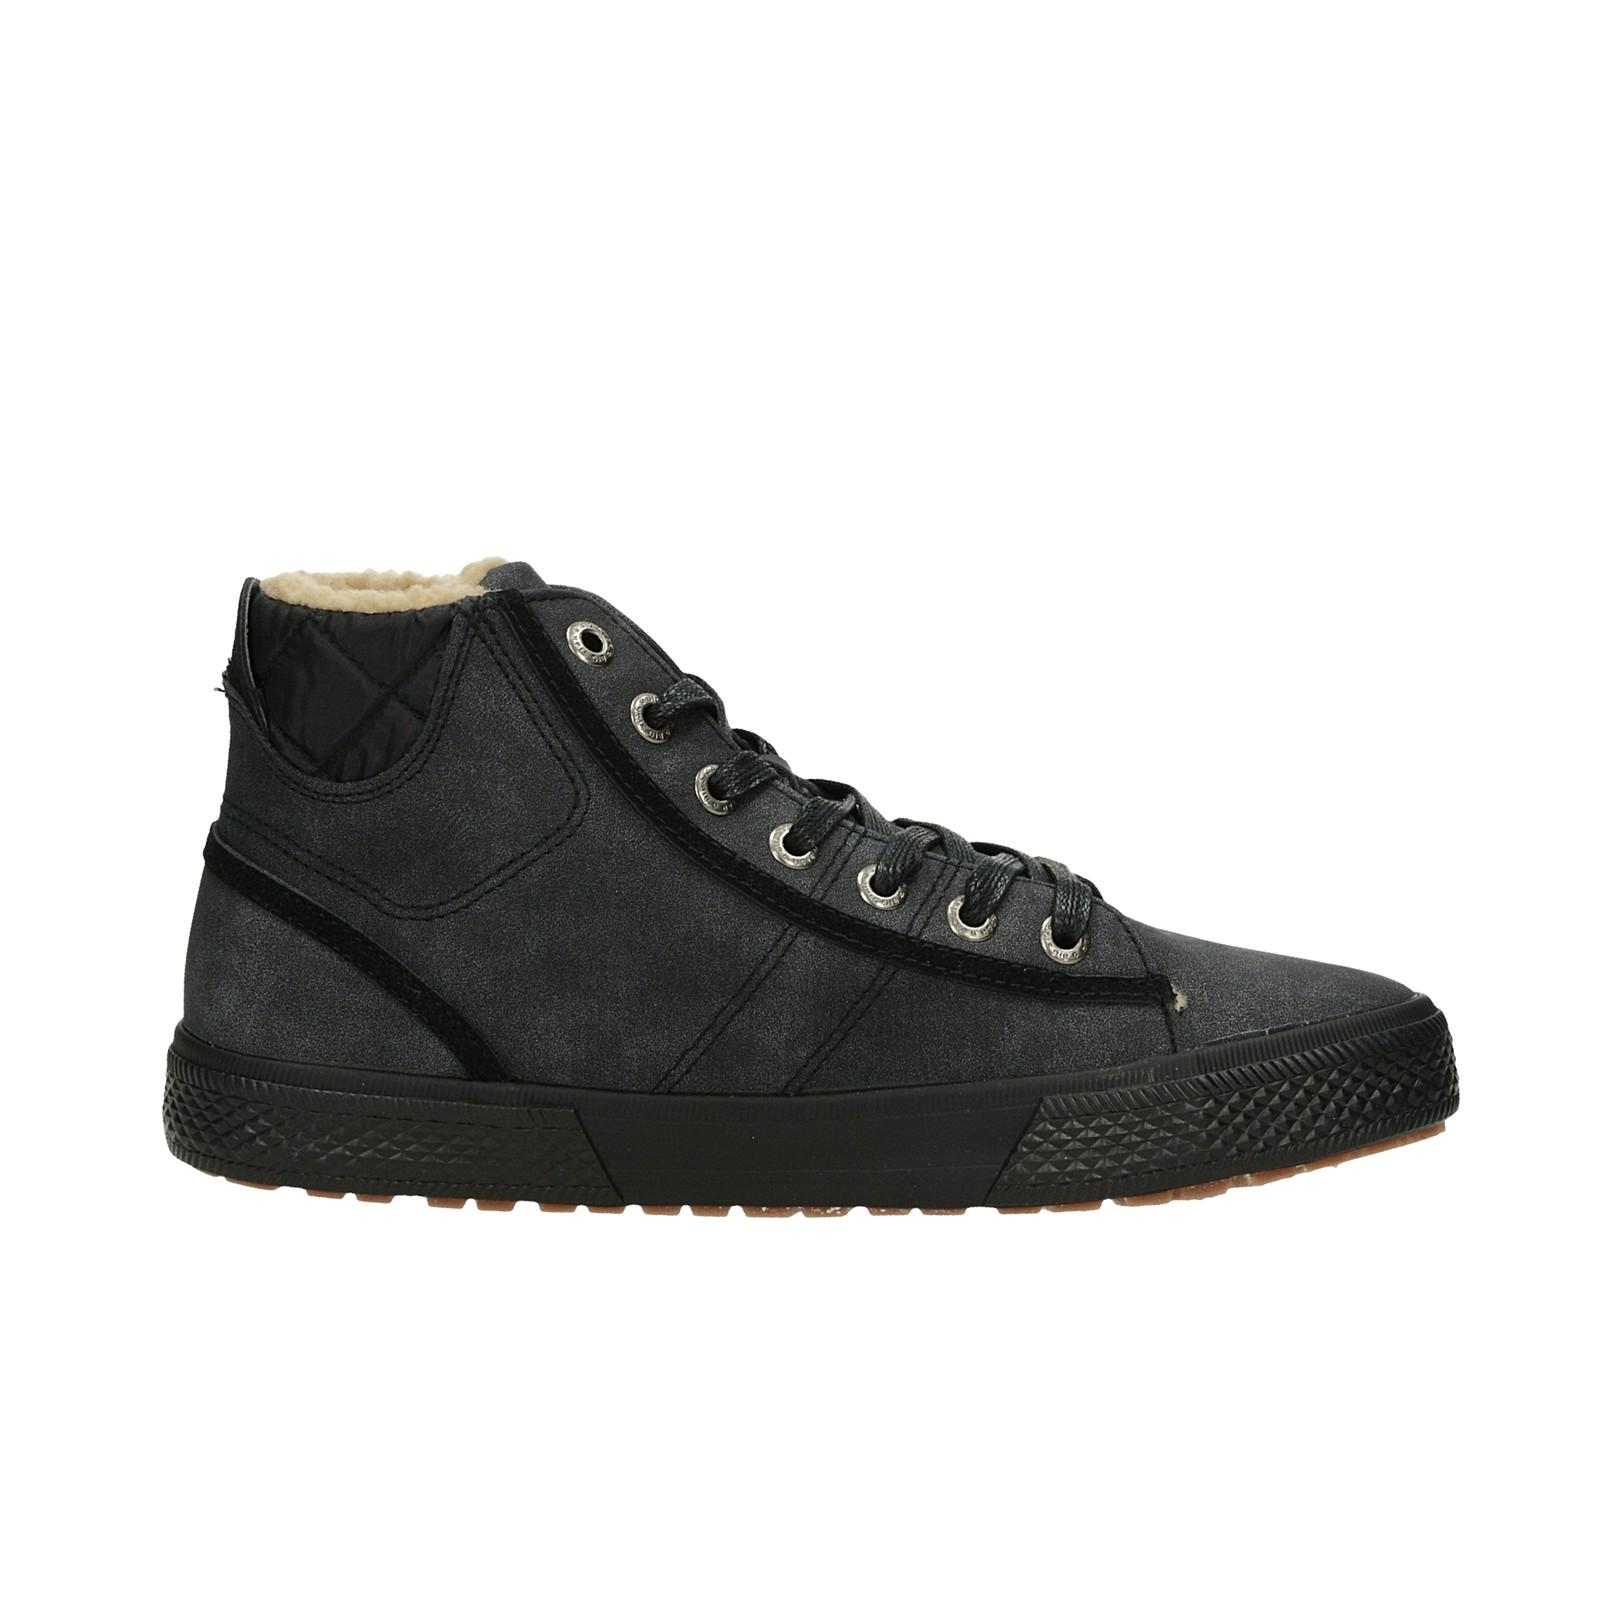 Big Star pánská stylová zateplená kotníková obuv - šedá